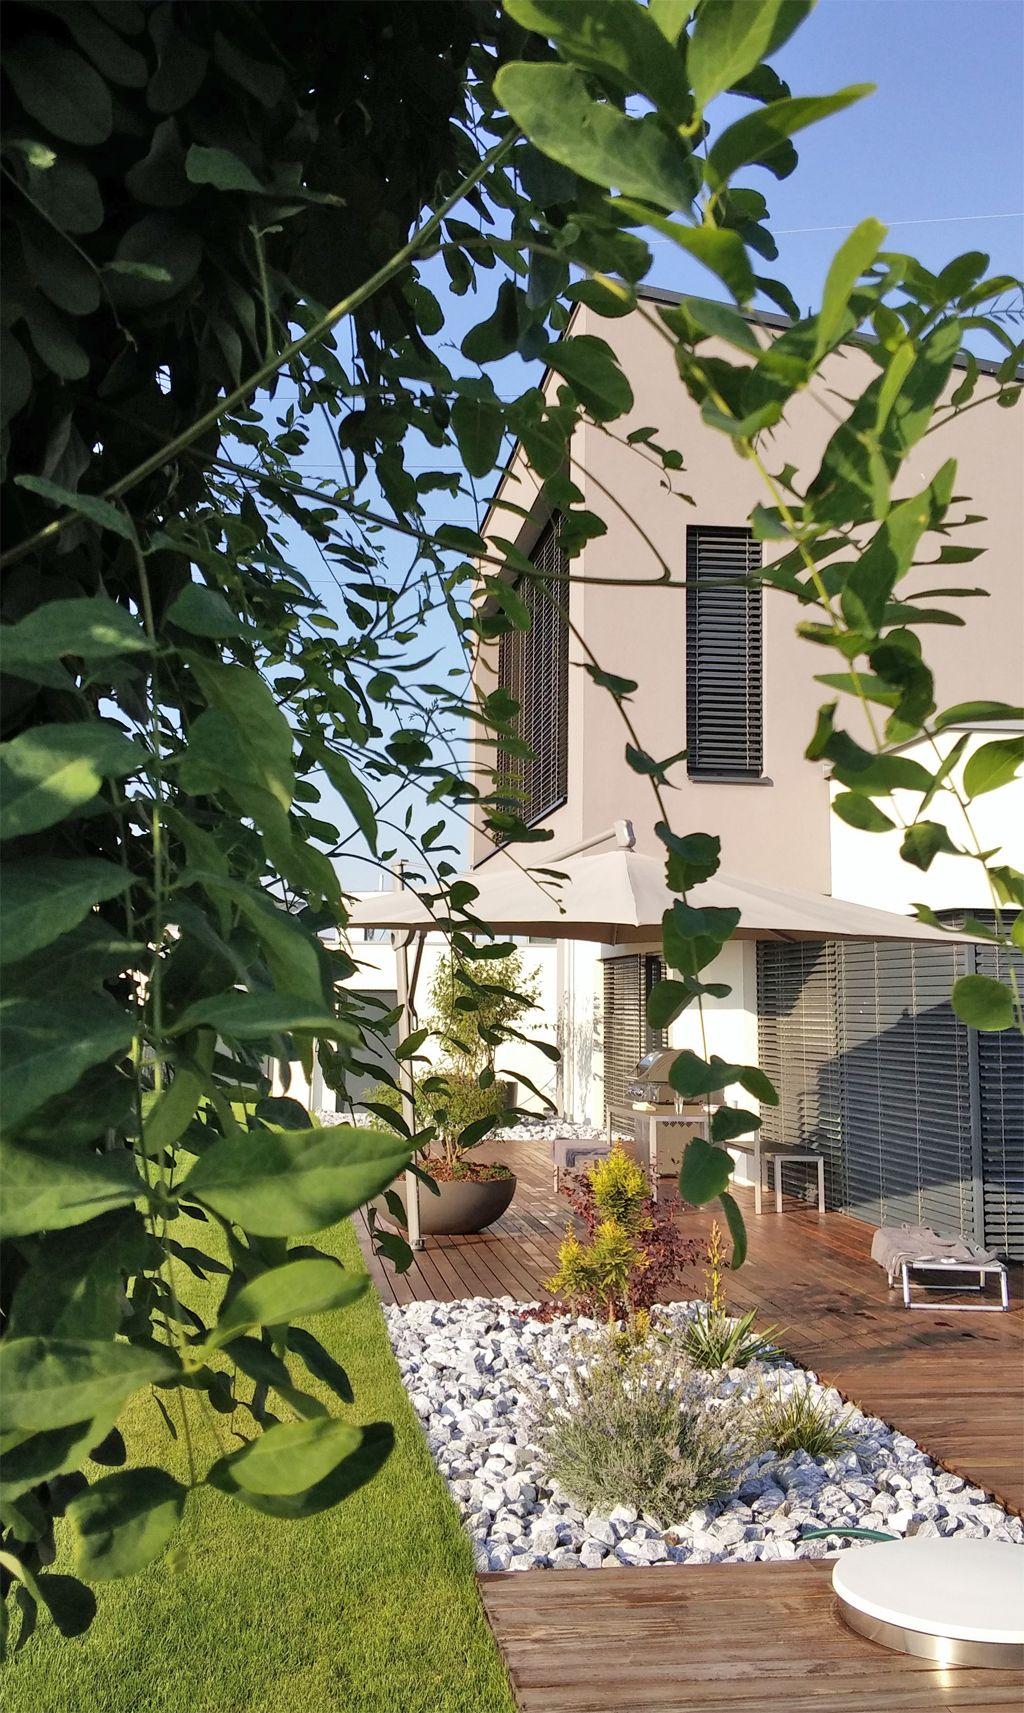 Terrasse Garten Whitecube Wiener Neustadt Garten Japanischer Garten Garten Terrasse